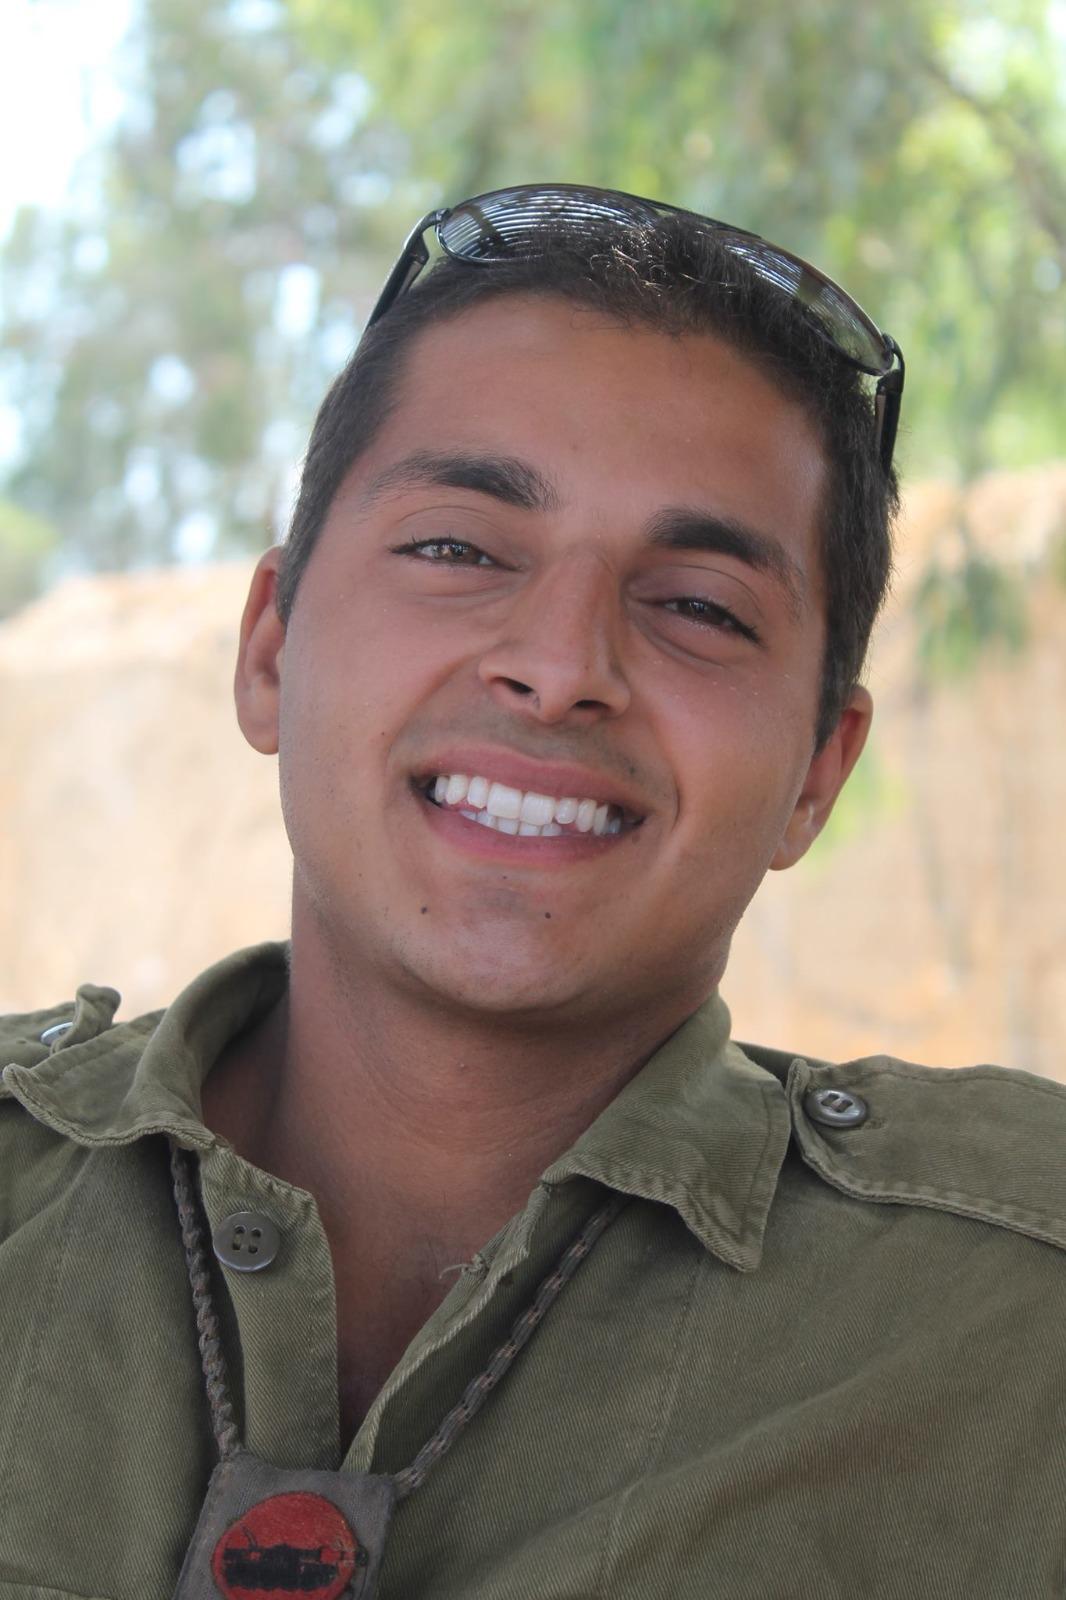 Shenhav Ruttner's cousin, Guy Levy